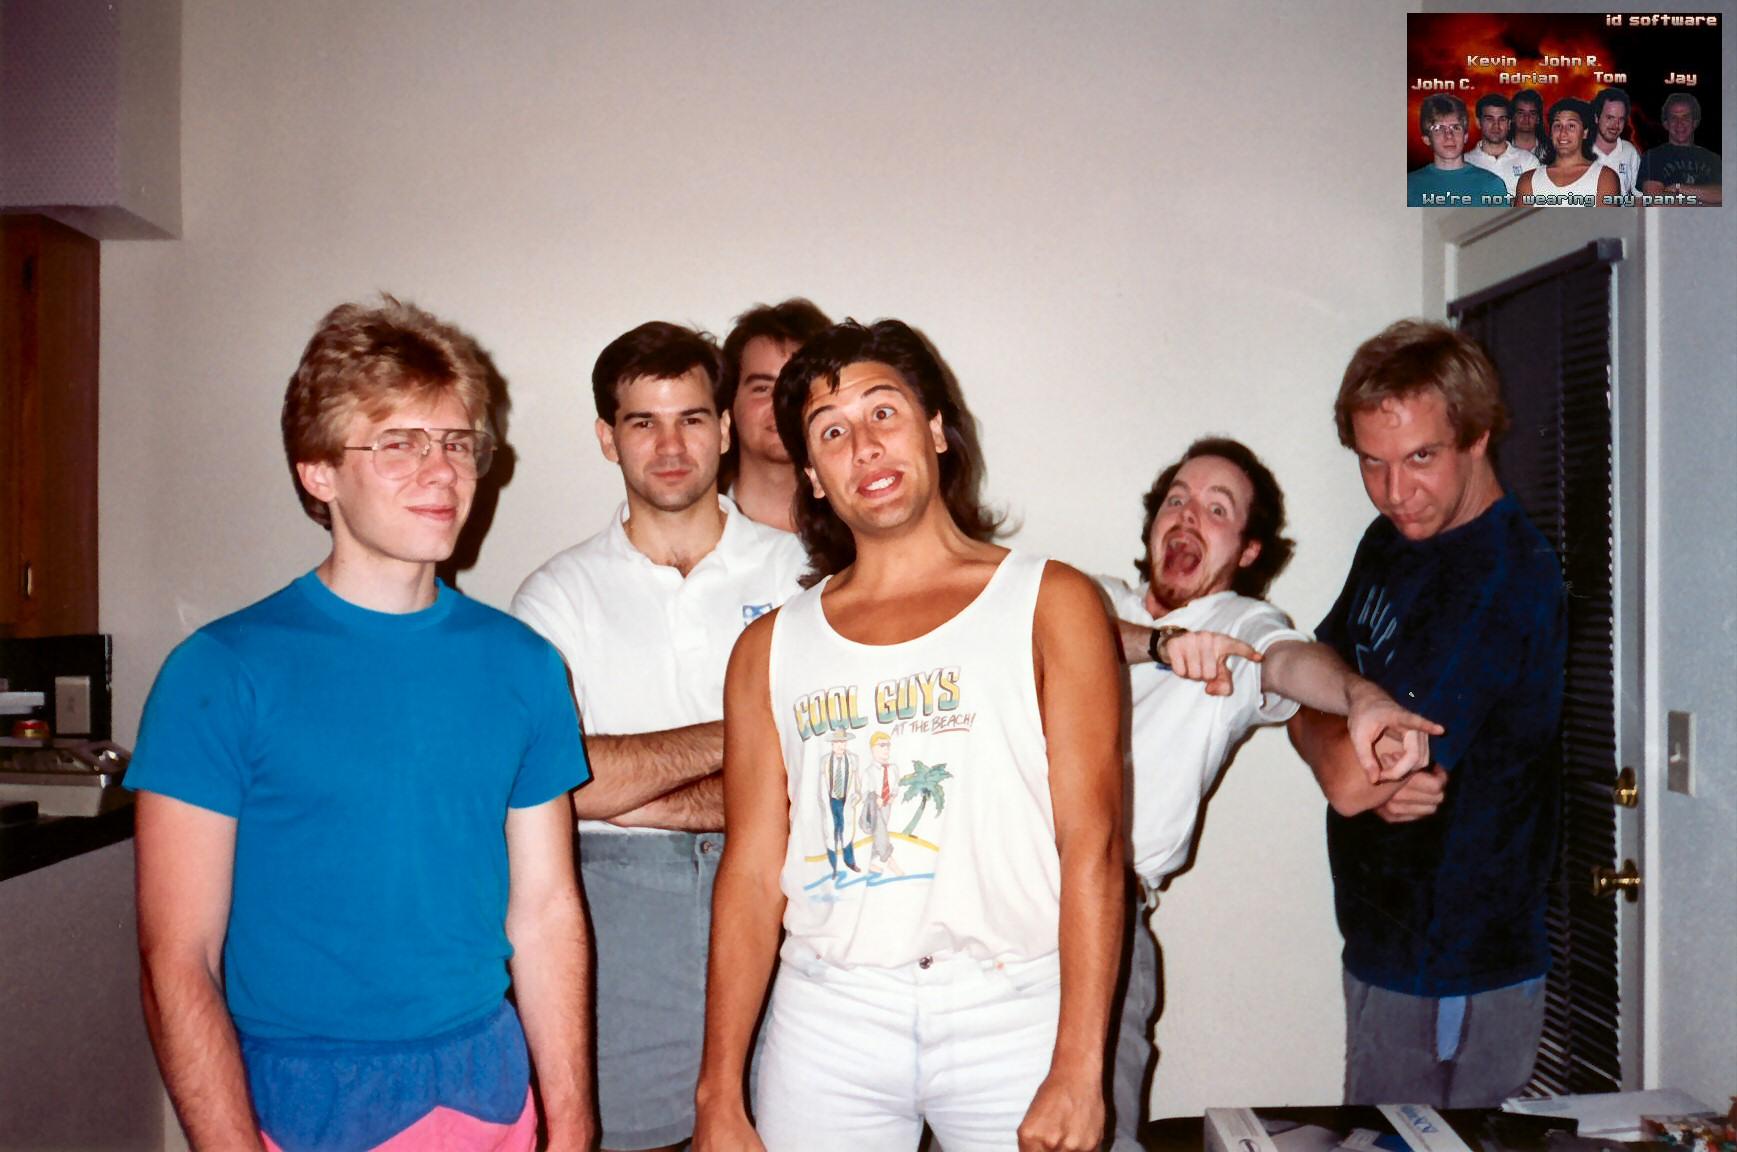 Esos locos locos años. Carmack es el de la izquierda.